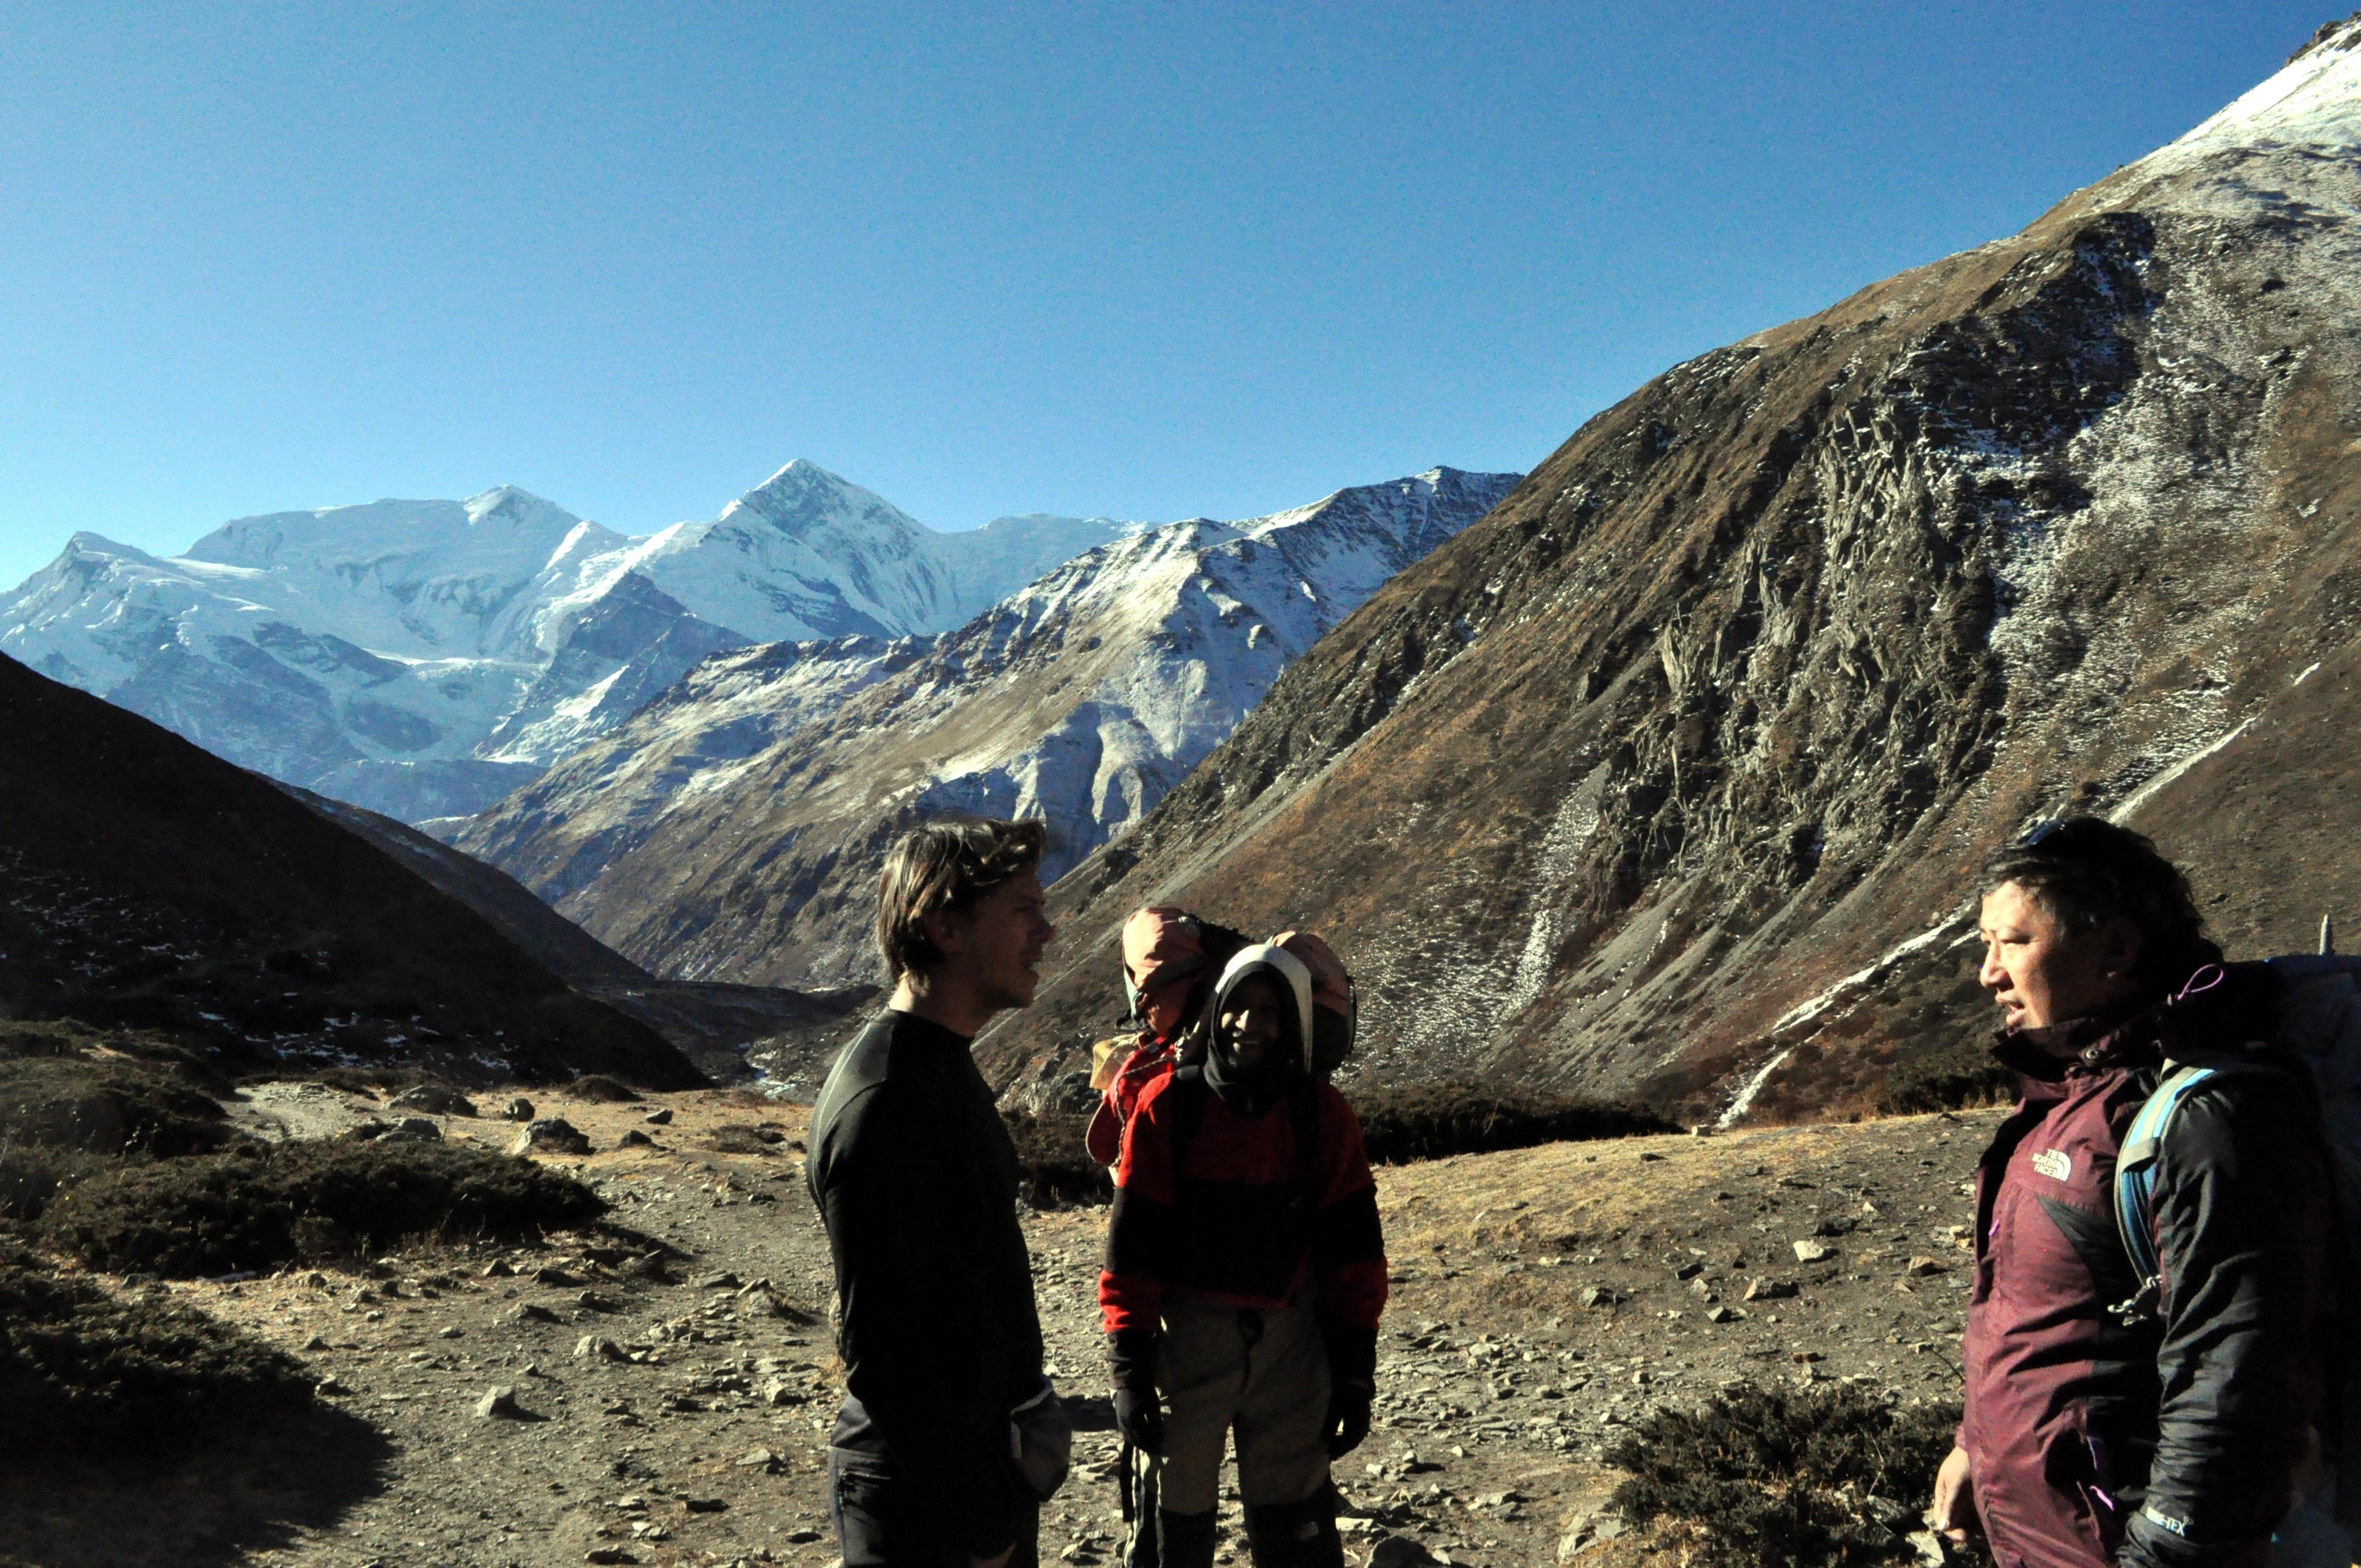 chiecchiere con guida e portatori: ormai, per il tempo in cui rimarremo tra i monti, saremo come tra amici